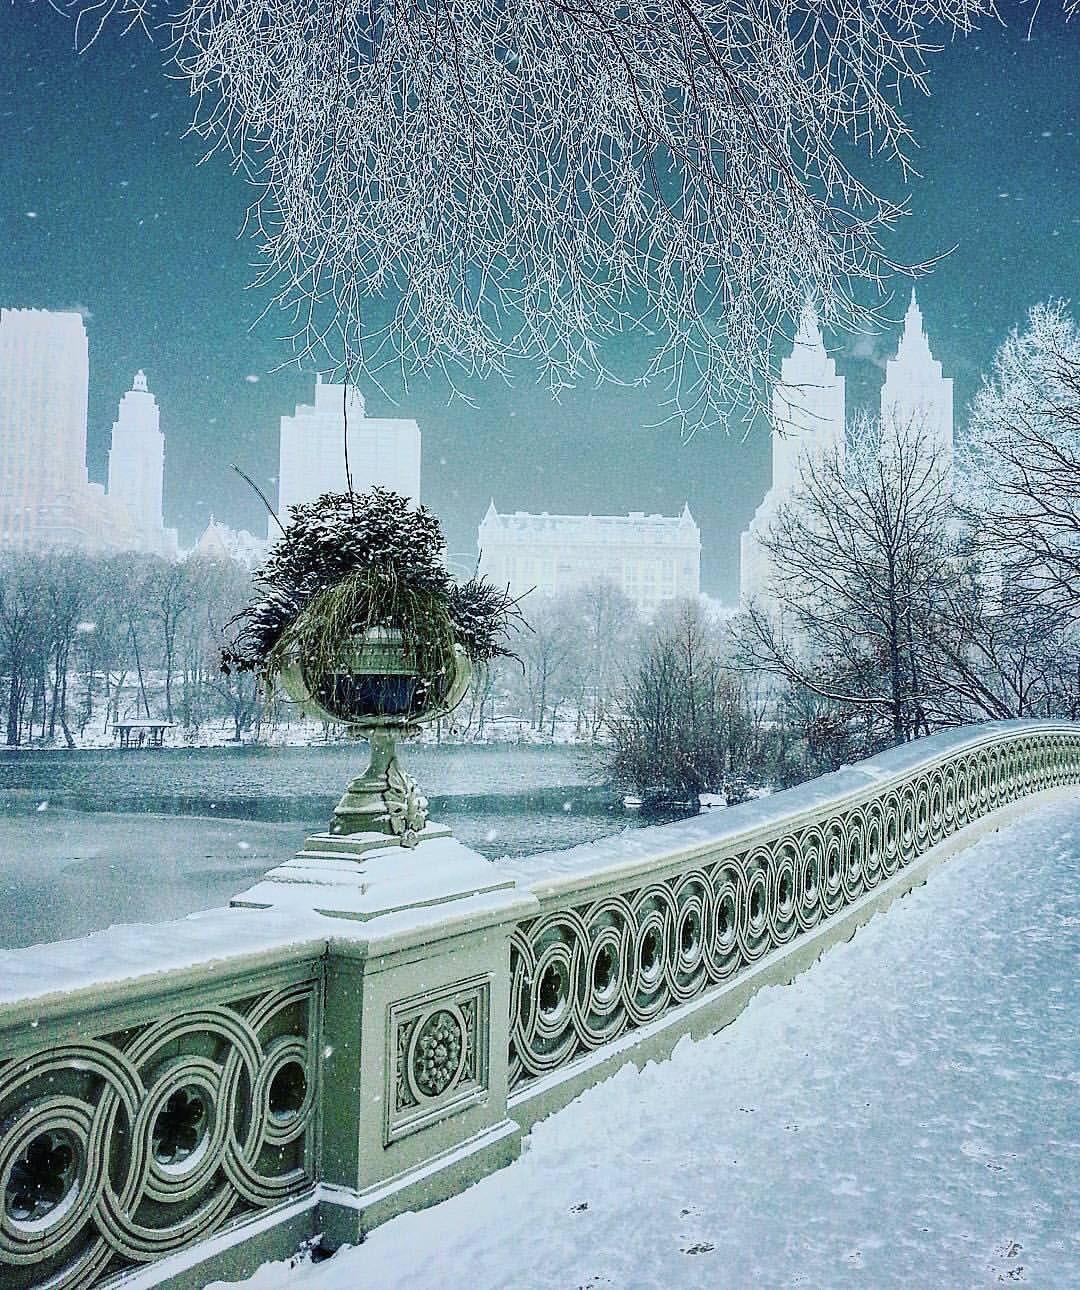 все картинки зимы в городе фонтеса киноиндустрии связана